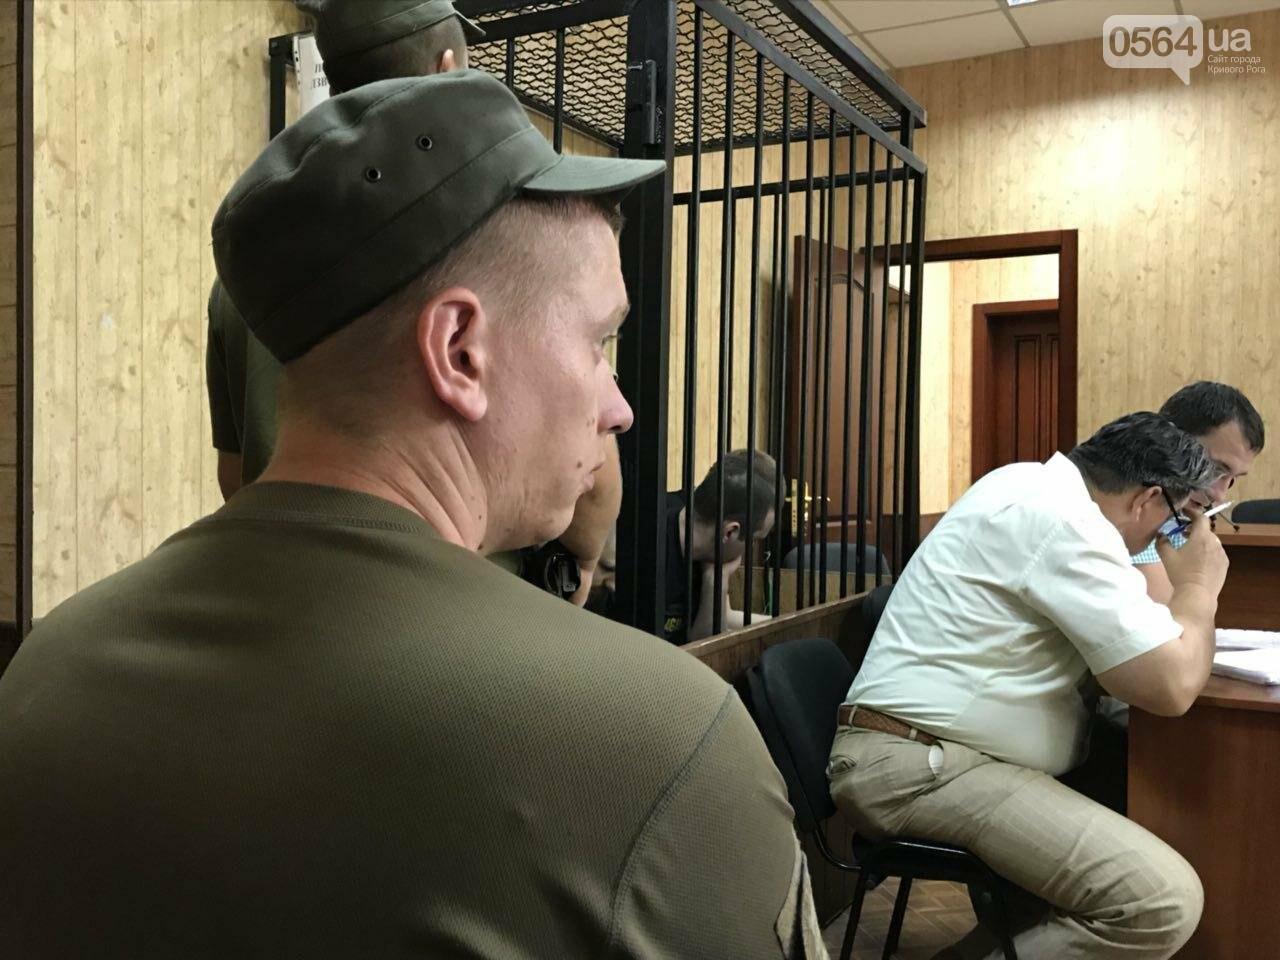 В Кривом Роге перенесли суд по делу о похищении и убийстве 20-летнего студента, - ФОТО, фото-14